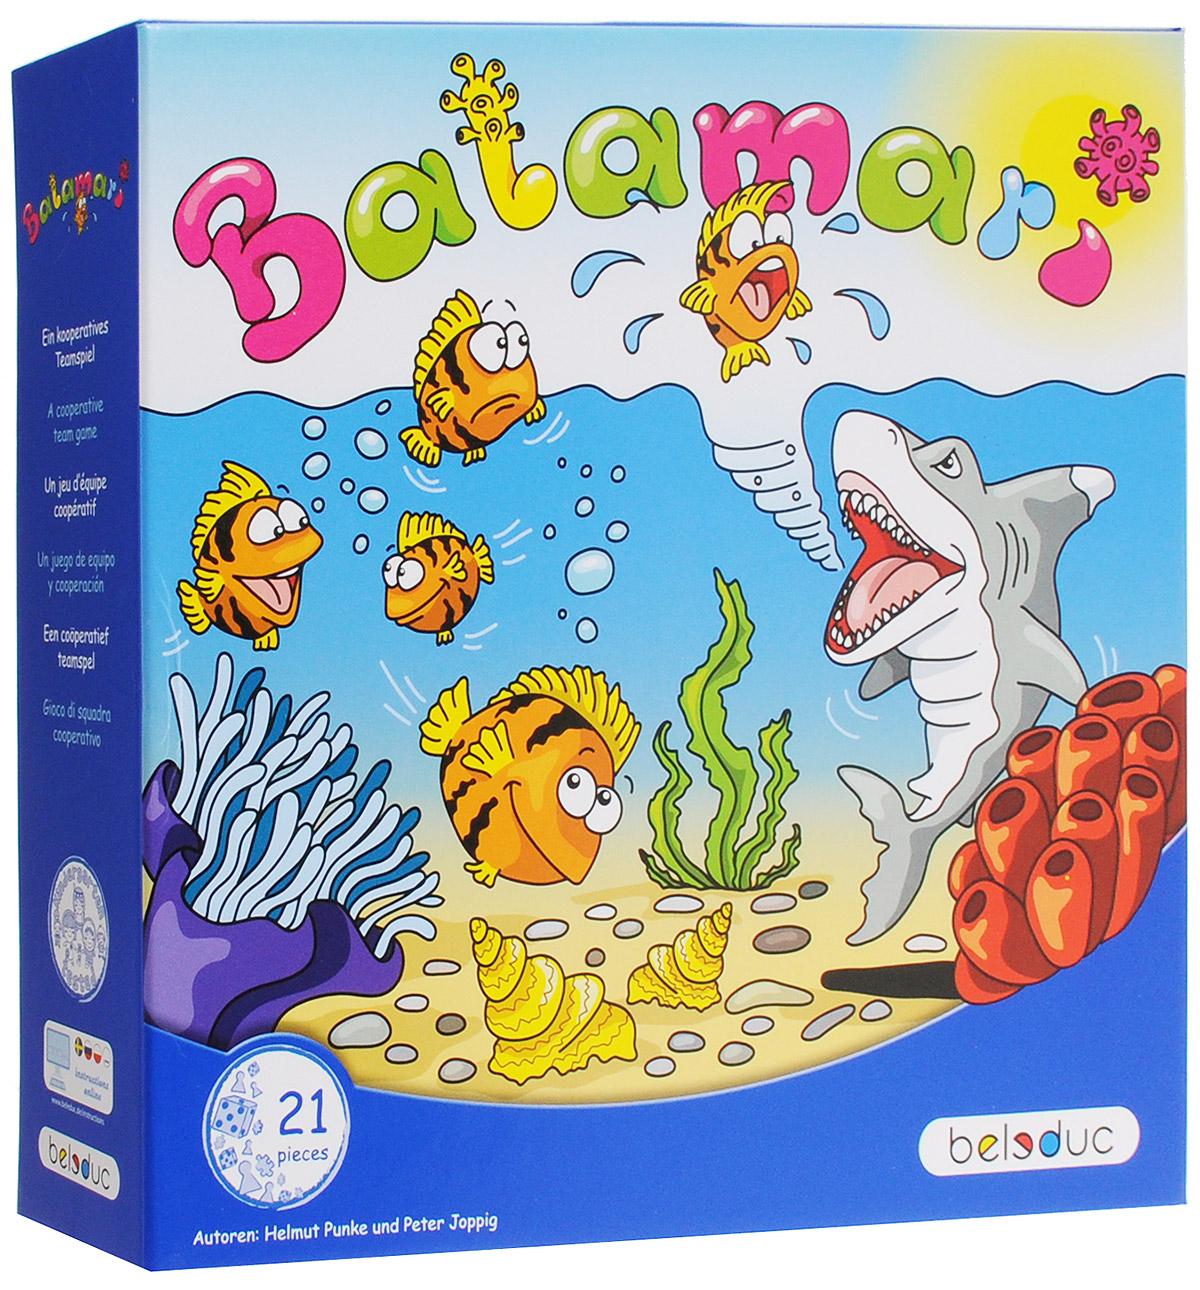 Beleduc Обучающая игра Баламари22706Только посмотрите, что здесь происходит! Веселые рыбки отправляются в путешествие, чтобы открыть для себя море. На пути они встречают много разноцветных коралловых рифов, моллюсков и других морских обитателей. Но им нужно беречься голодной акулы. Она очень любит прятаться в темных водорослях, чтобы высматривать вкусных рыбок. Чтобы ускользнуть от акулы, прежде всего, нужны ловкость, хорошая координация и умение действовать сообща. Игроки пытаются сделать так, чтобы рыбки попали в четыре разноцветные лунки на покрывале. Рыбки не должны попасть в черные лунки. Если это все-таки случится, их съест акула. Кто собрал больше всего рыбок после четырех попыток? Вы или акула? Сначала нужно расправить покрывало на полу. Четыре картонные карточки раскладываются лицевой стороной вниз. На каждой из них нарисована точка, цвет которой совпадает с цветом одной из лунок на покрывале. Также нужно заранее подготовить 16 деревянных рыбок и коробку с наклейкой-акулой. Затем выбираются два участника...